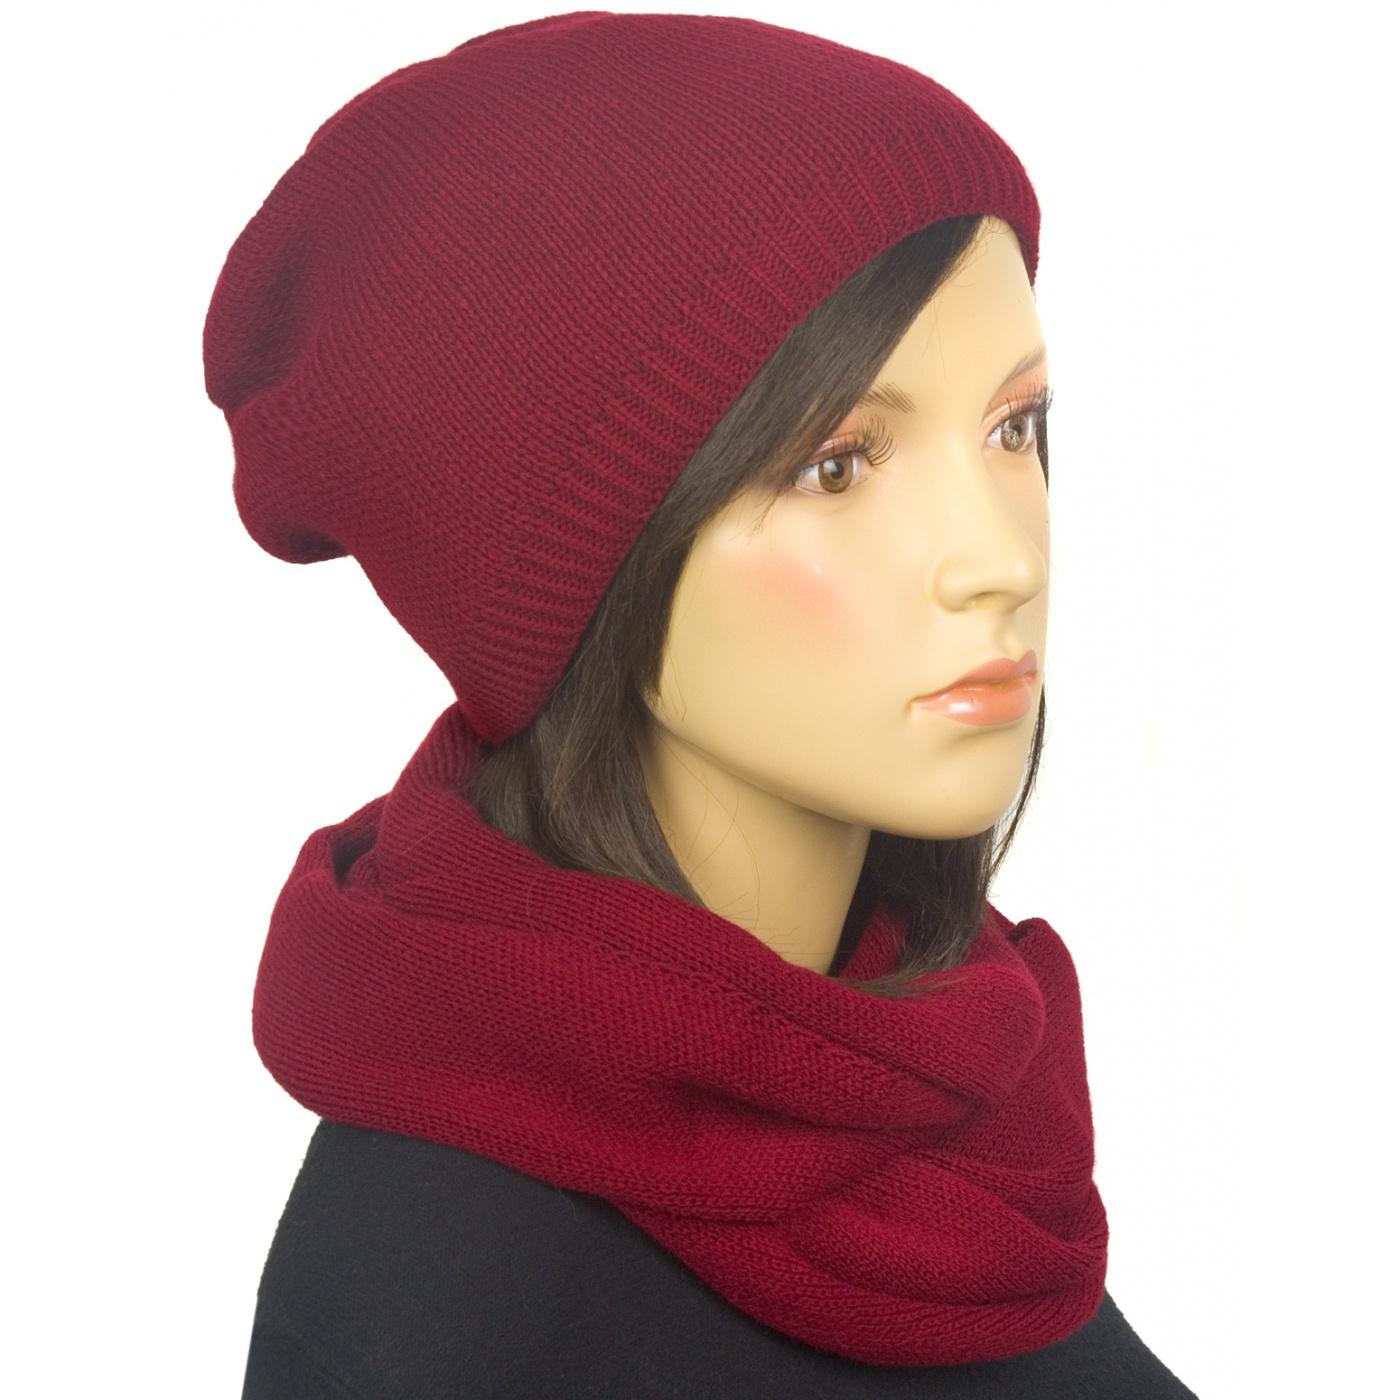 Komplet zimowy damski czapka i szalik komin - bordowy